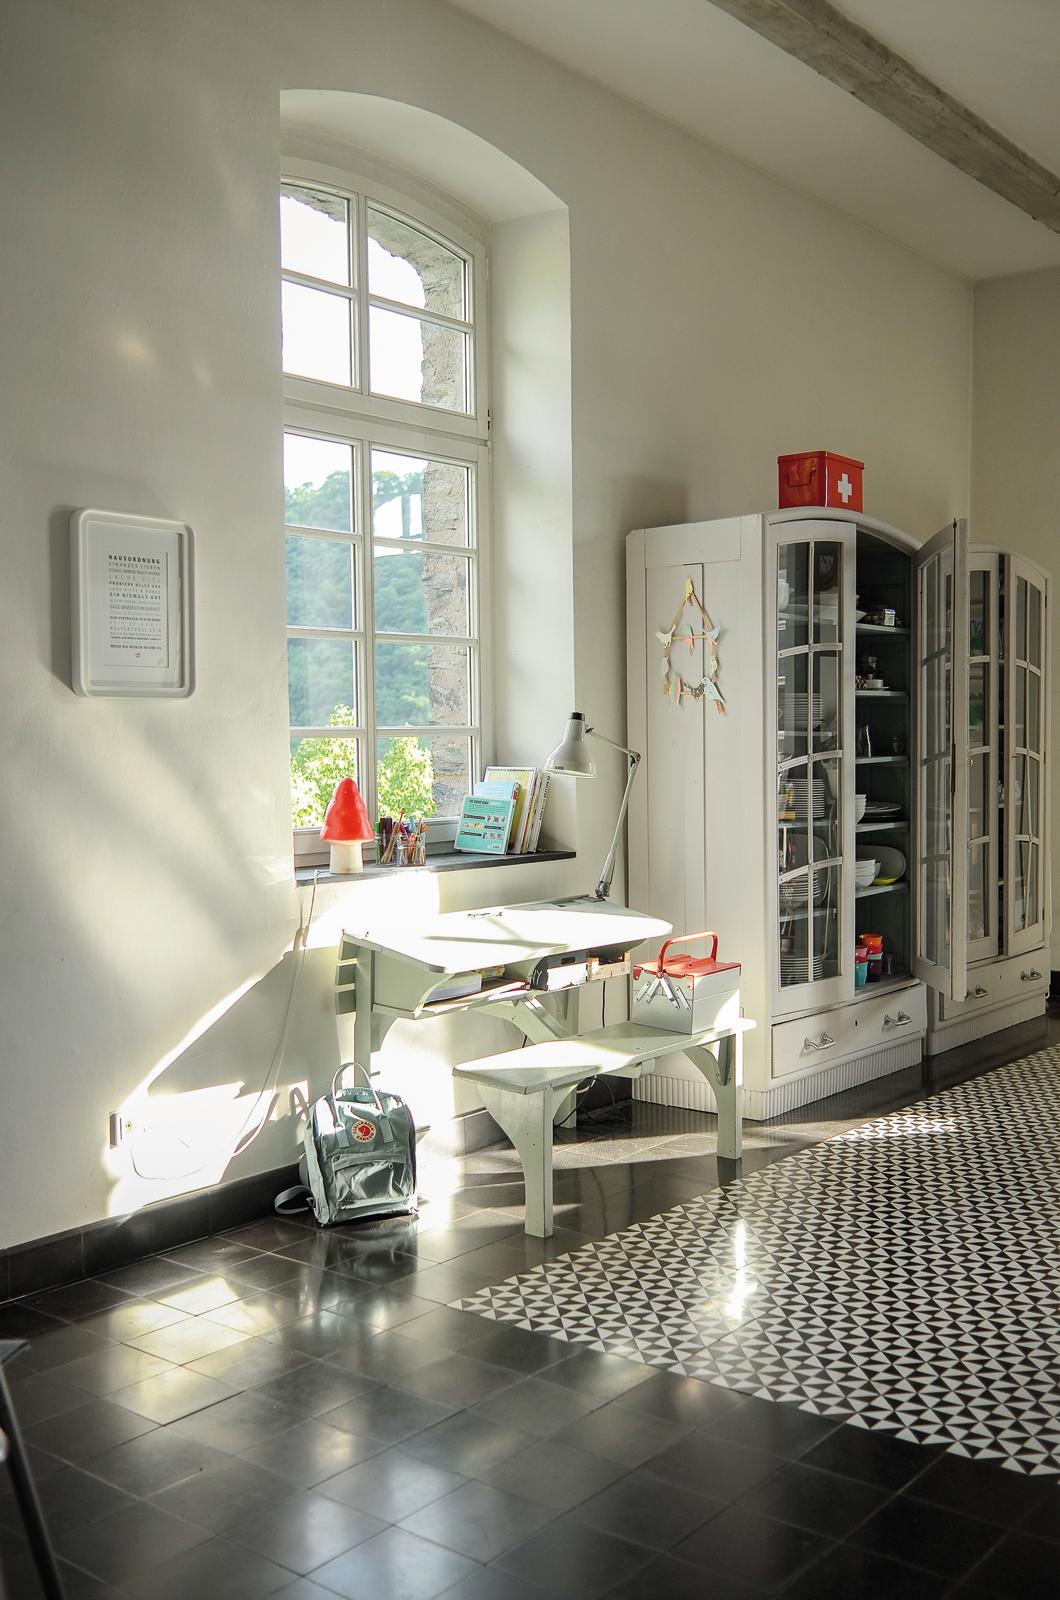 kreidefarbe-Silberpappel-106-schulbank-zementfliesen-terrazzofliesen-viaplatten | Kreidefarbe Silberpappel 60 ml